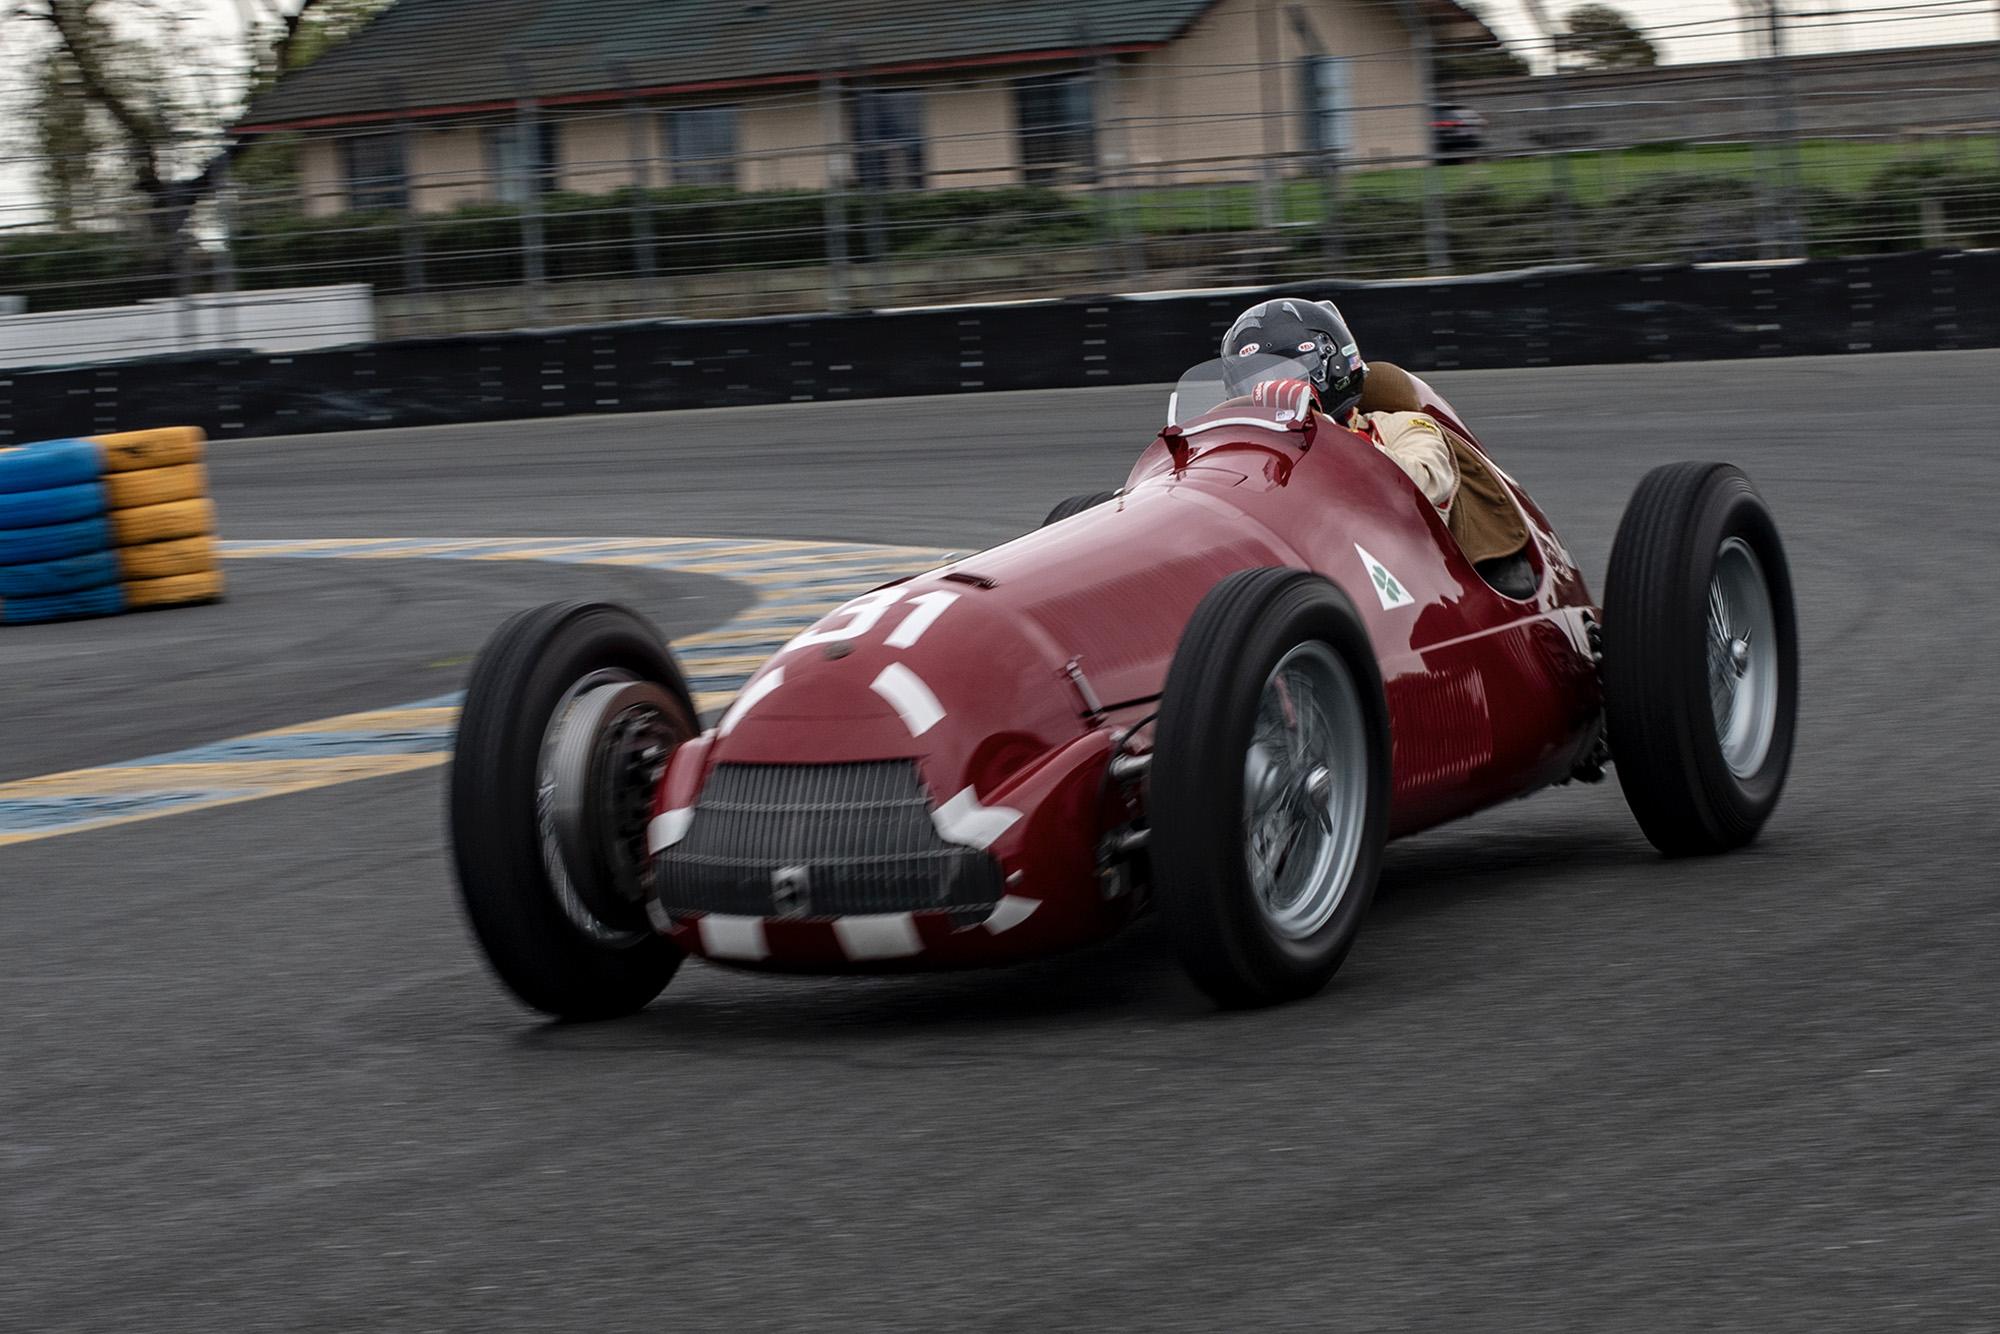 Restored Alfa 158 testing at Sonoma in April 2019